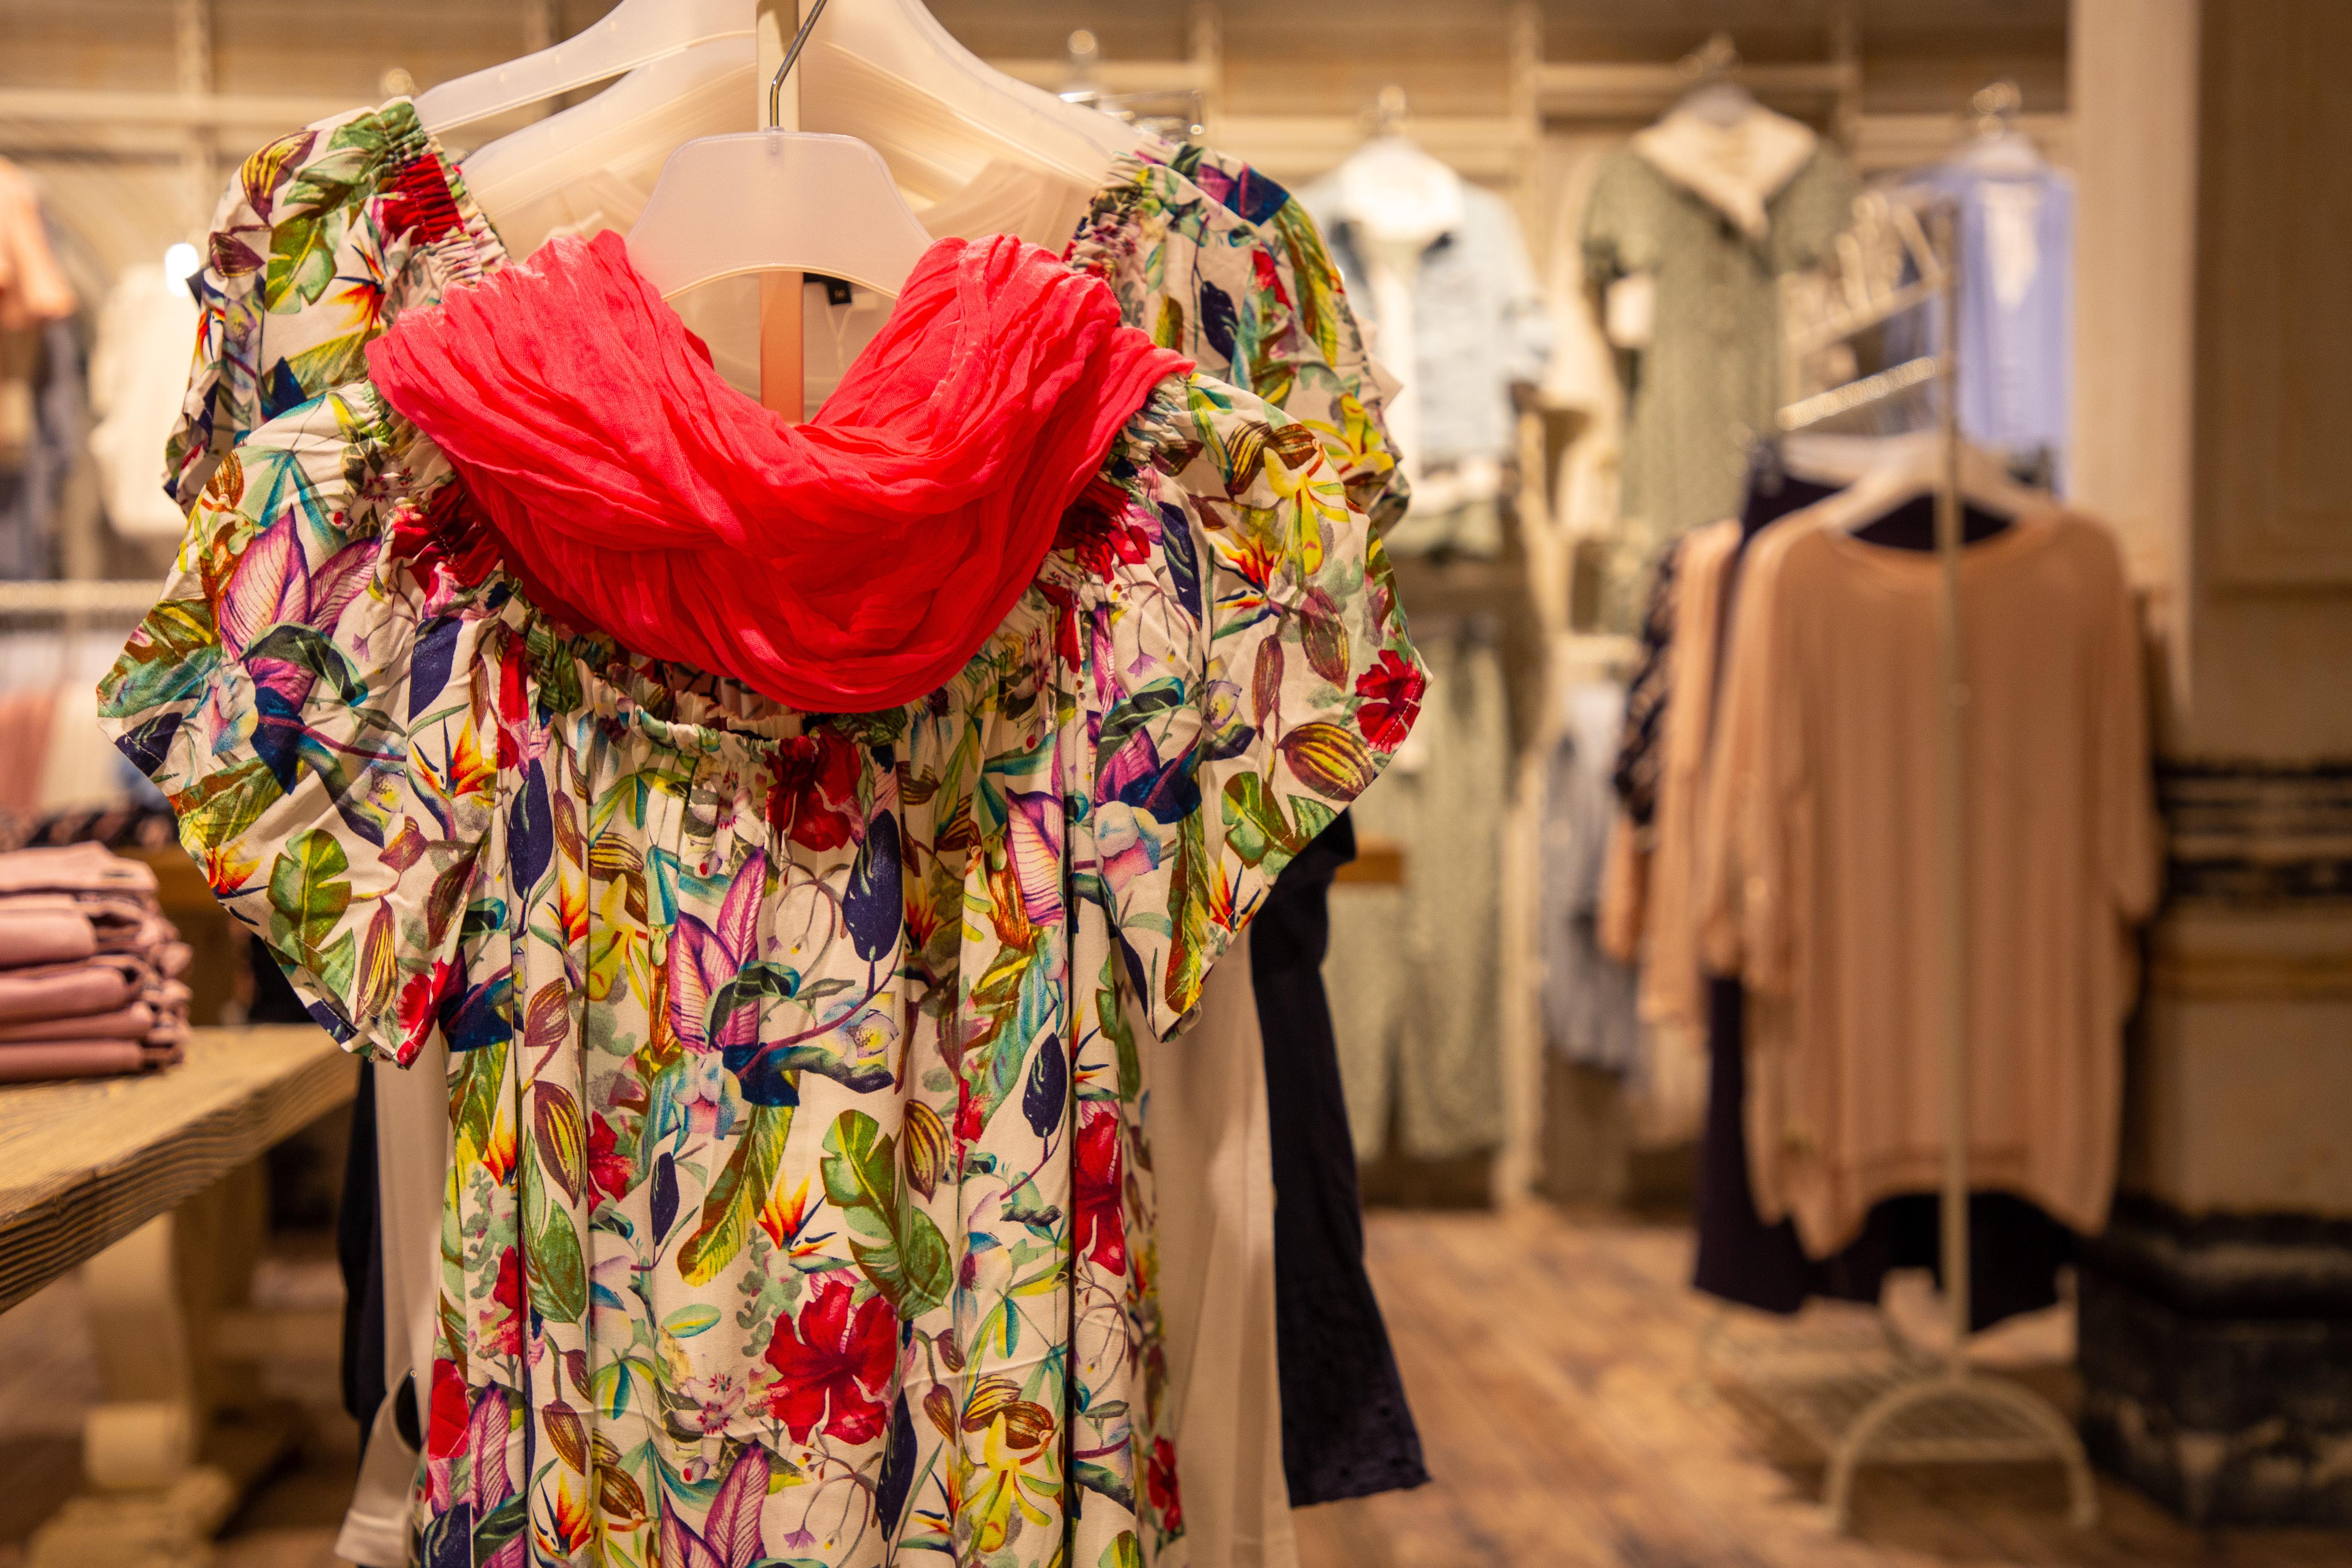 Kleider im Store Erfurt